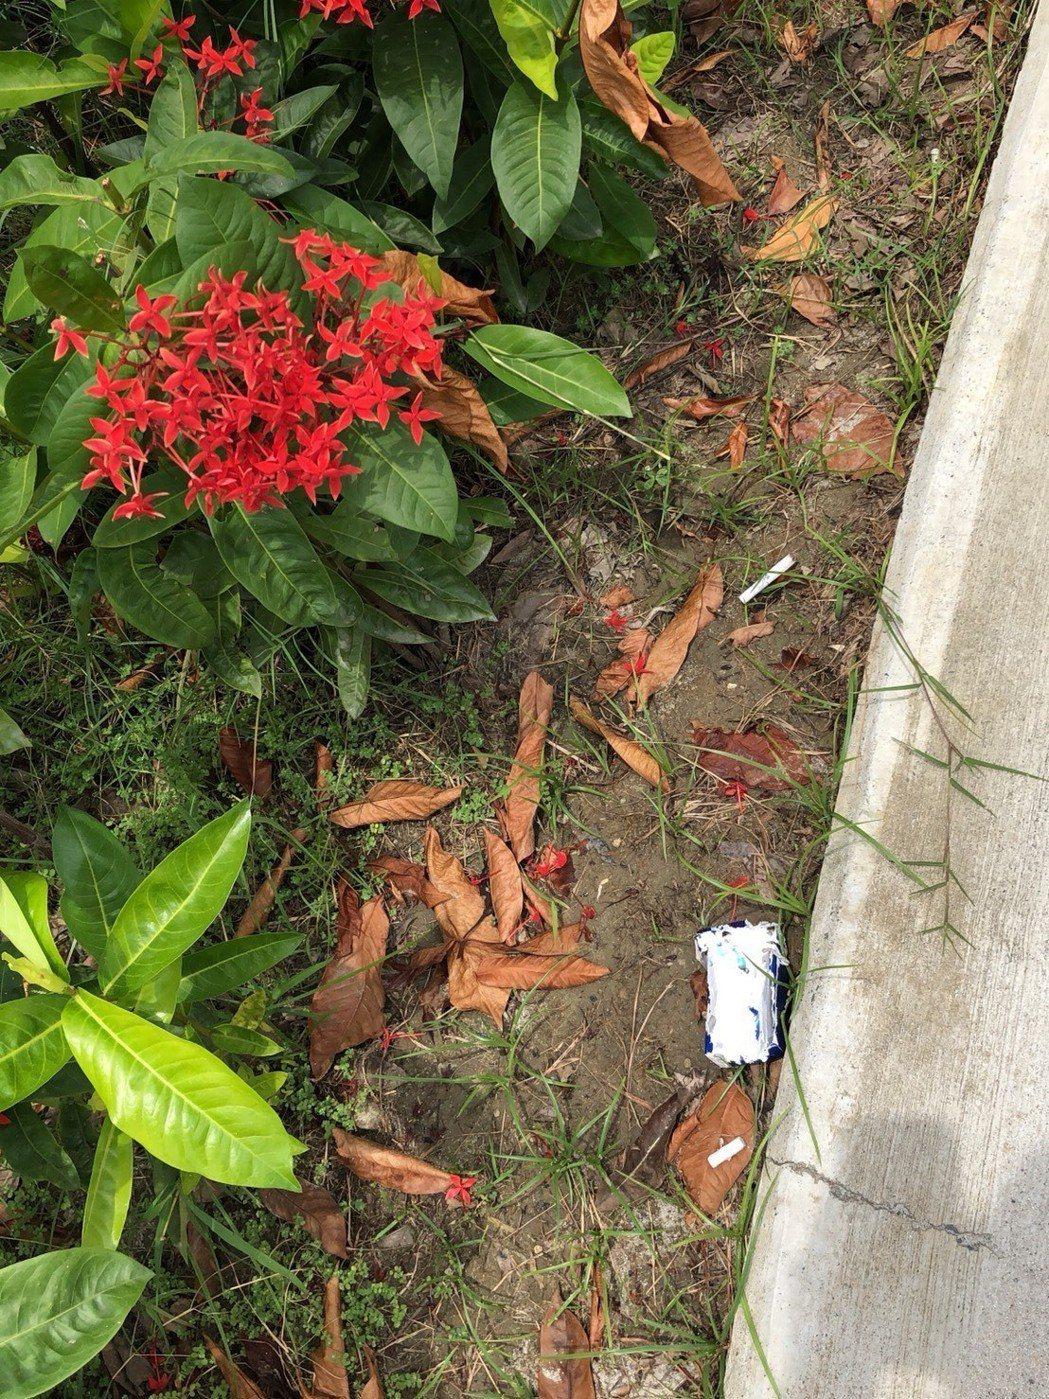 高雄馬卡道附近綠地公園維護不力,垃圾、煙蒂隨處可見,房價吃悶虧。